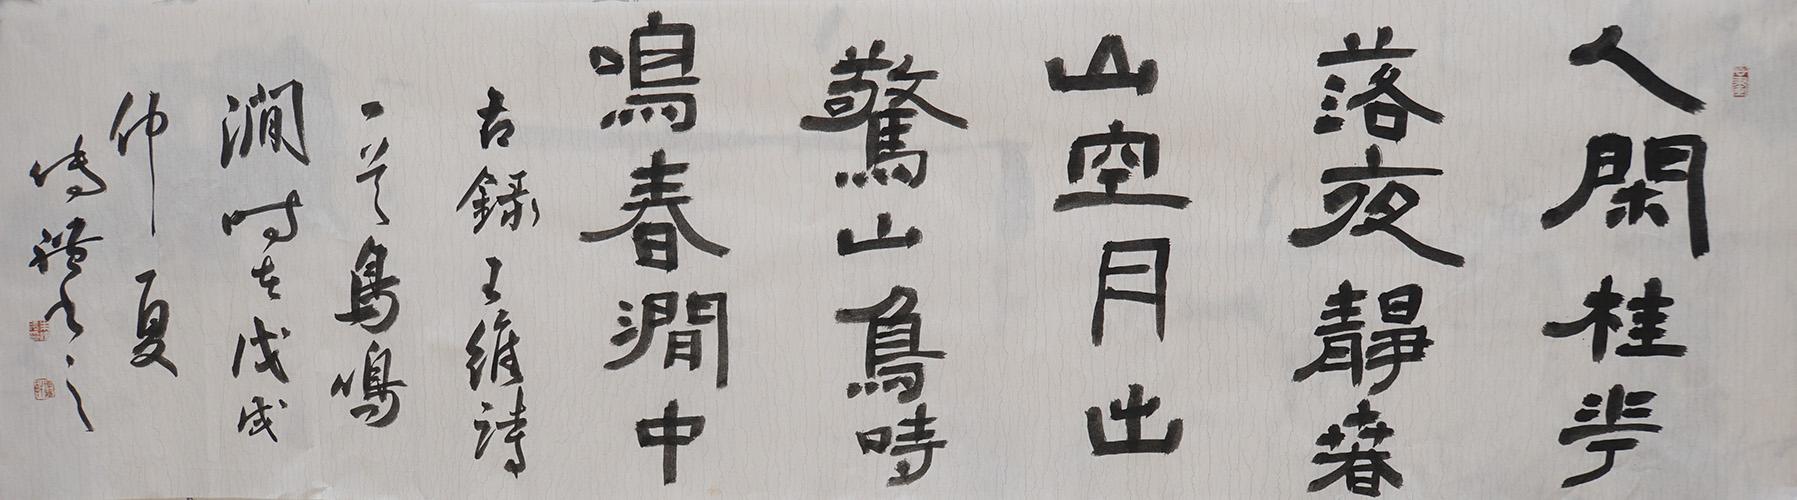 朱传礼作品之一 (10)